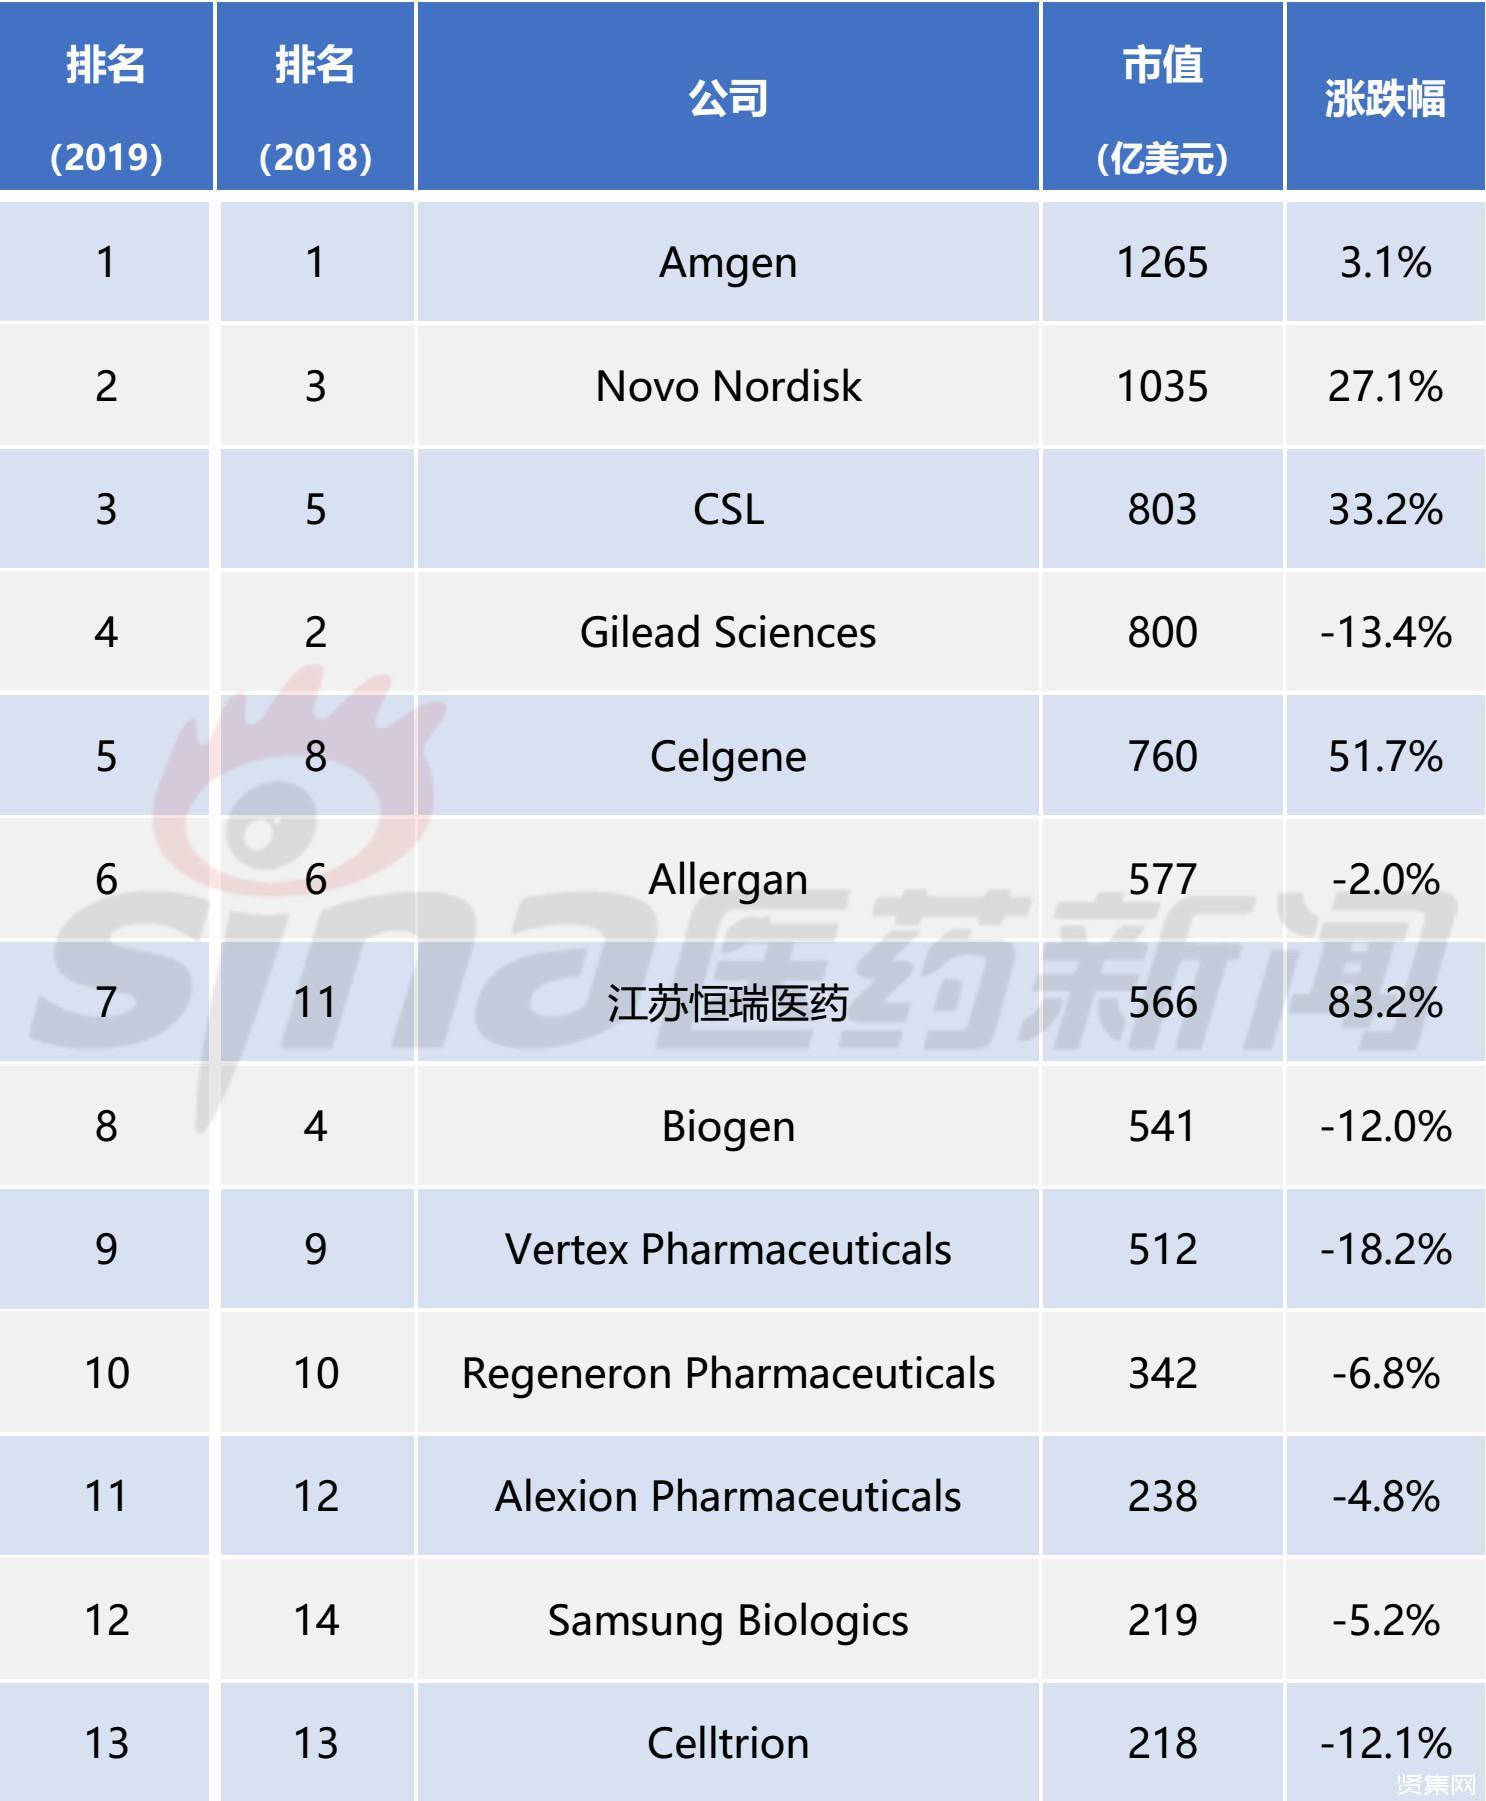 2019年全球25大生物技术公司榜单发布:恒瑞等五家中国公司上榜